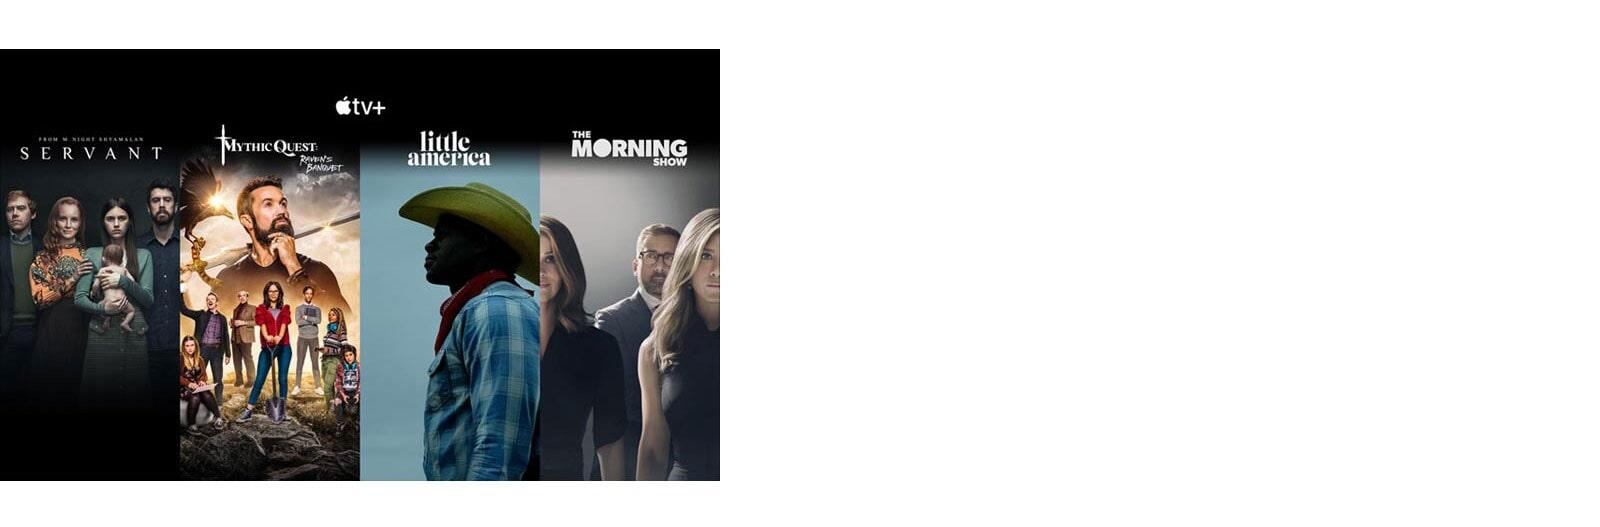 Hình nền của Apple TV+ với 4 bộ phim hàng đầu